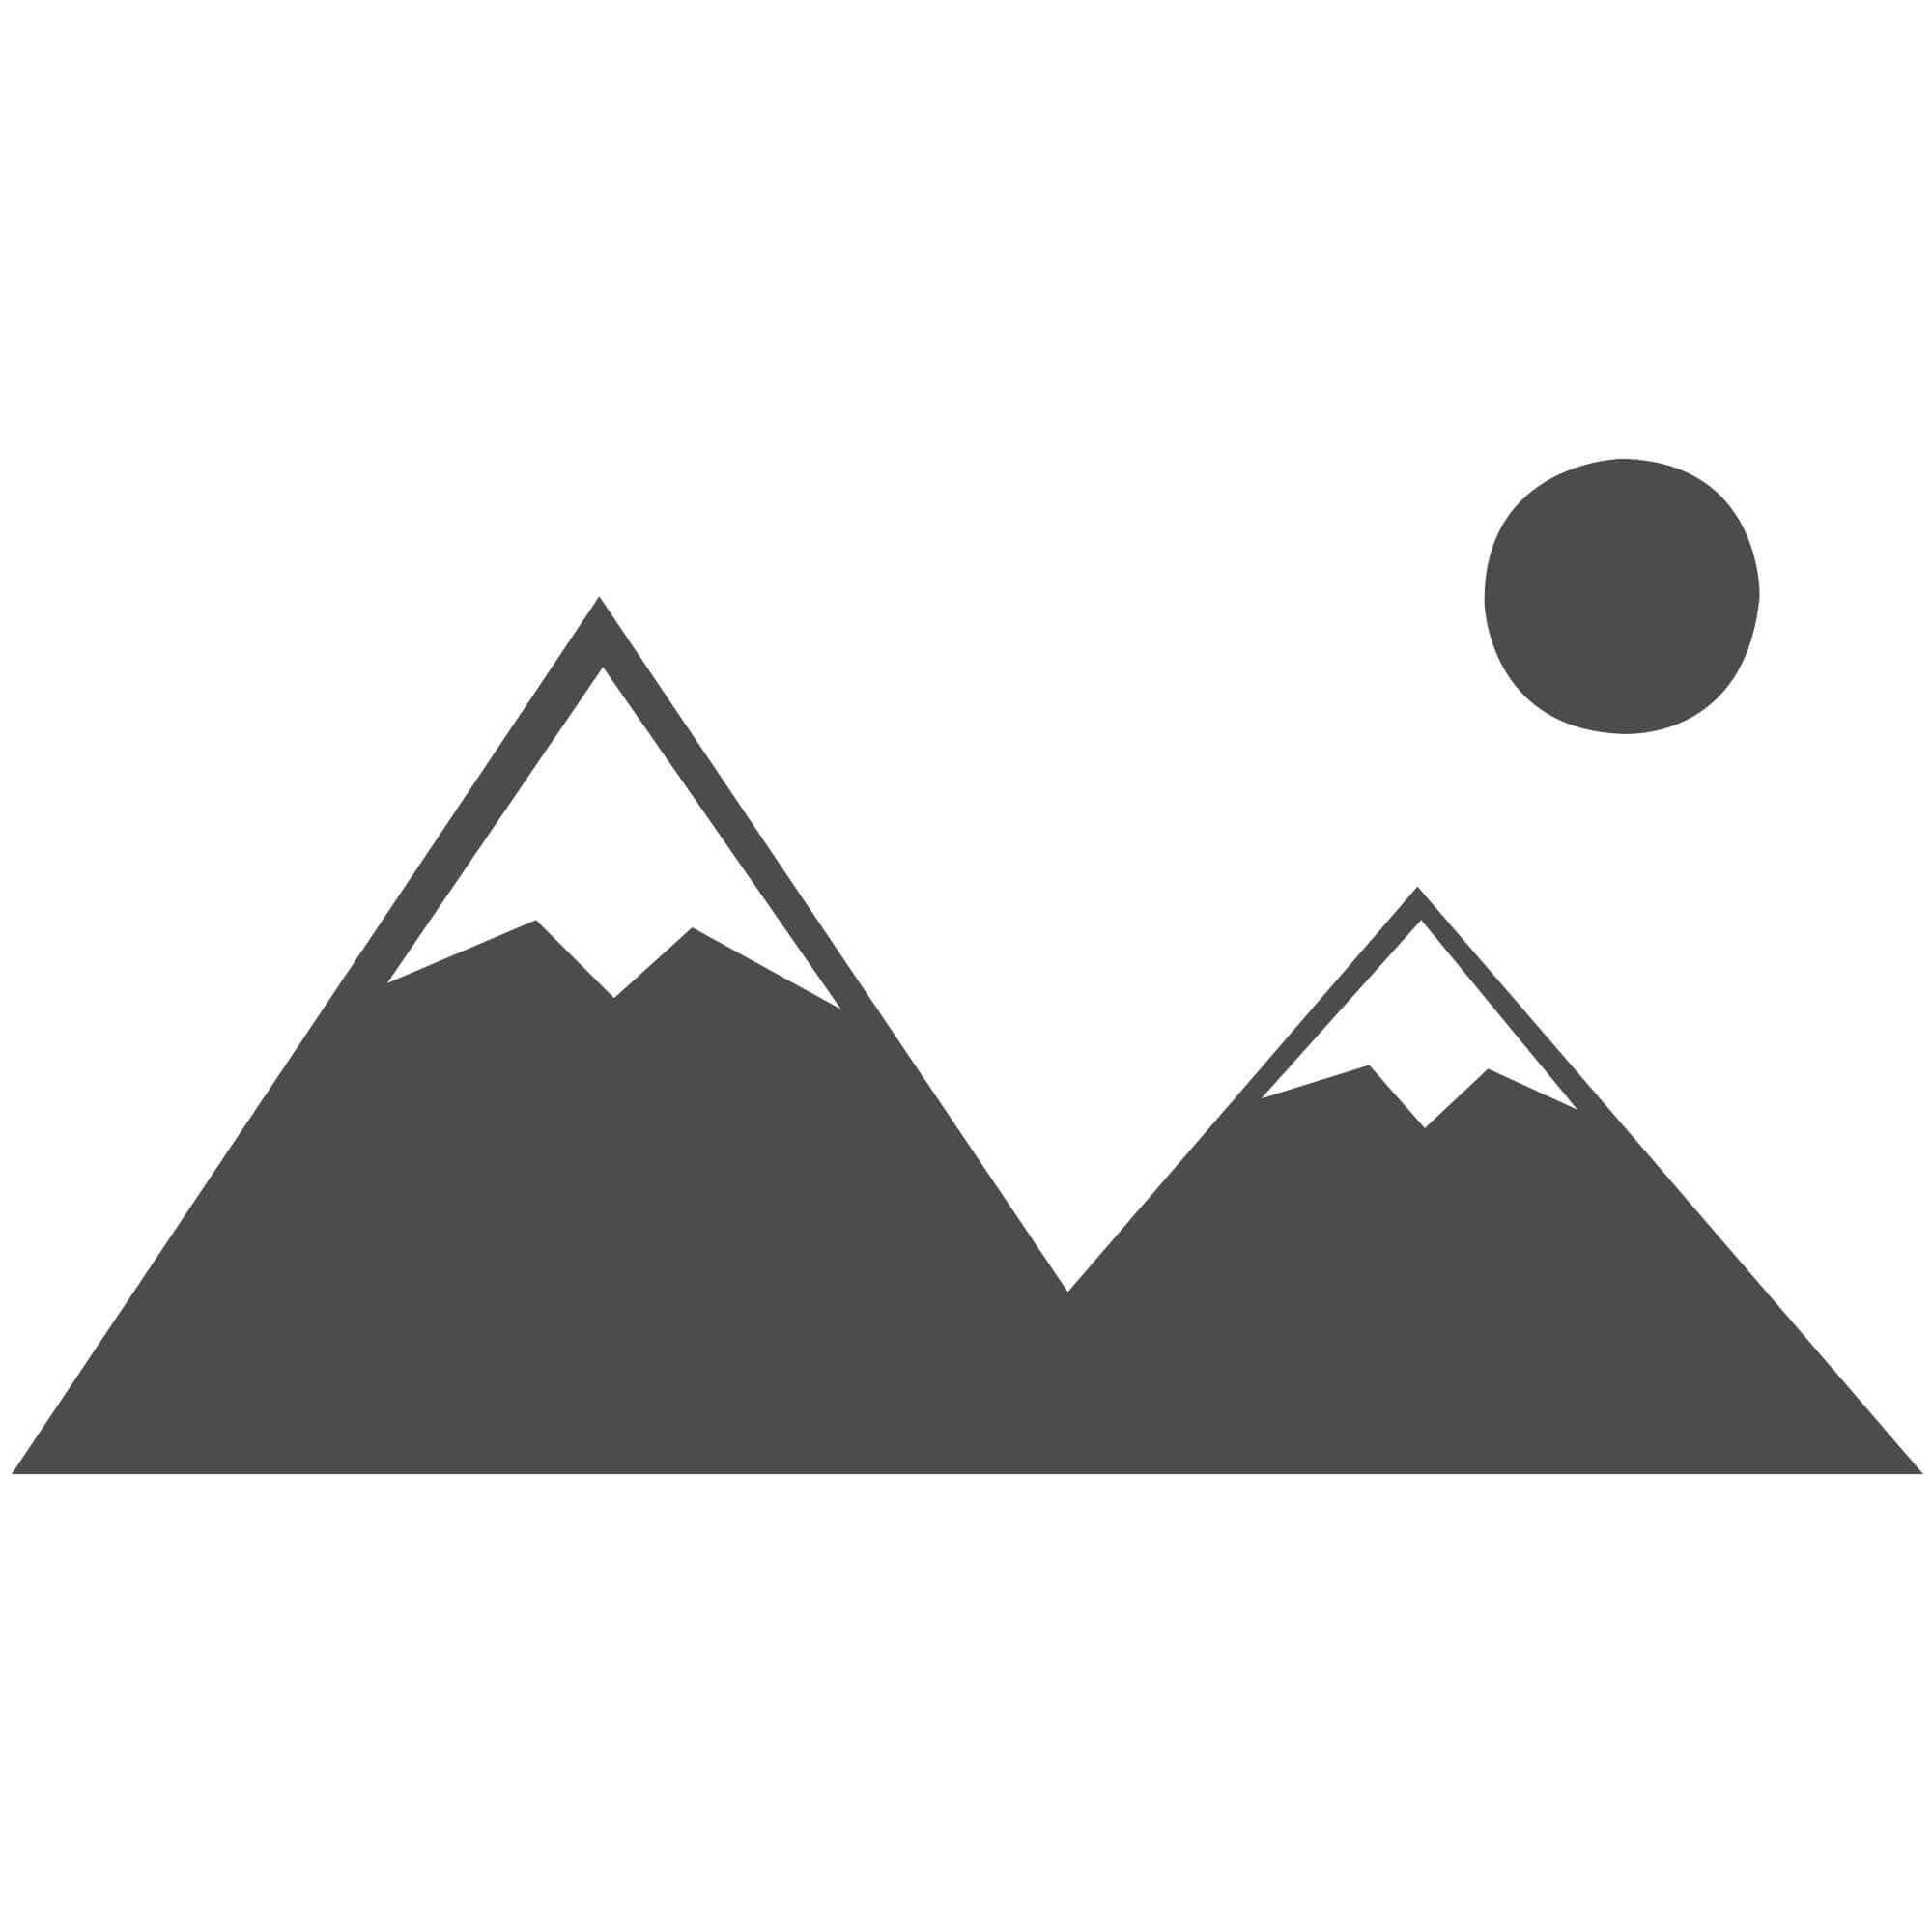 """Cube Shaggy Rug - Grey - Size 160 x 230 cm (5'3"""" x 7'7"""")"""